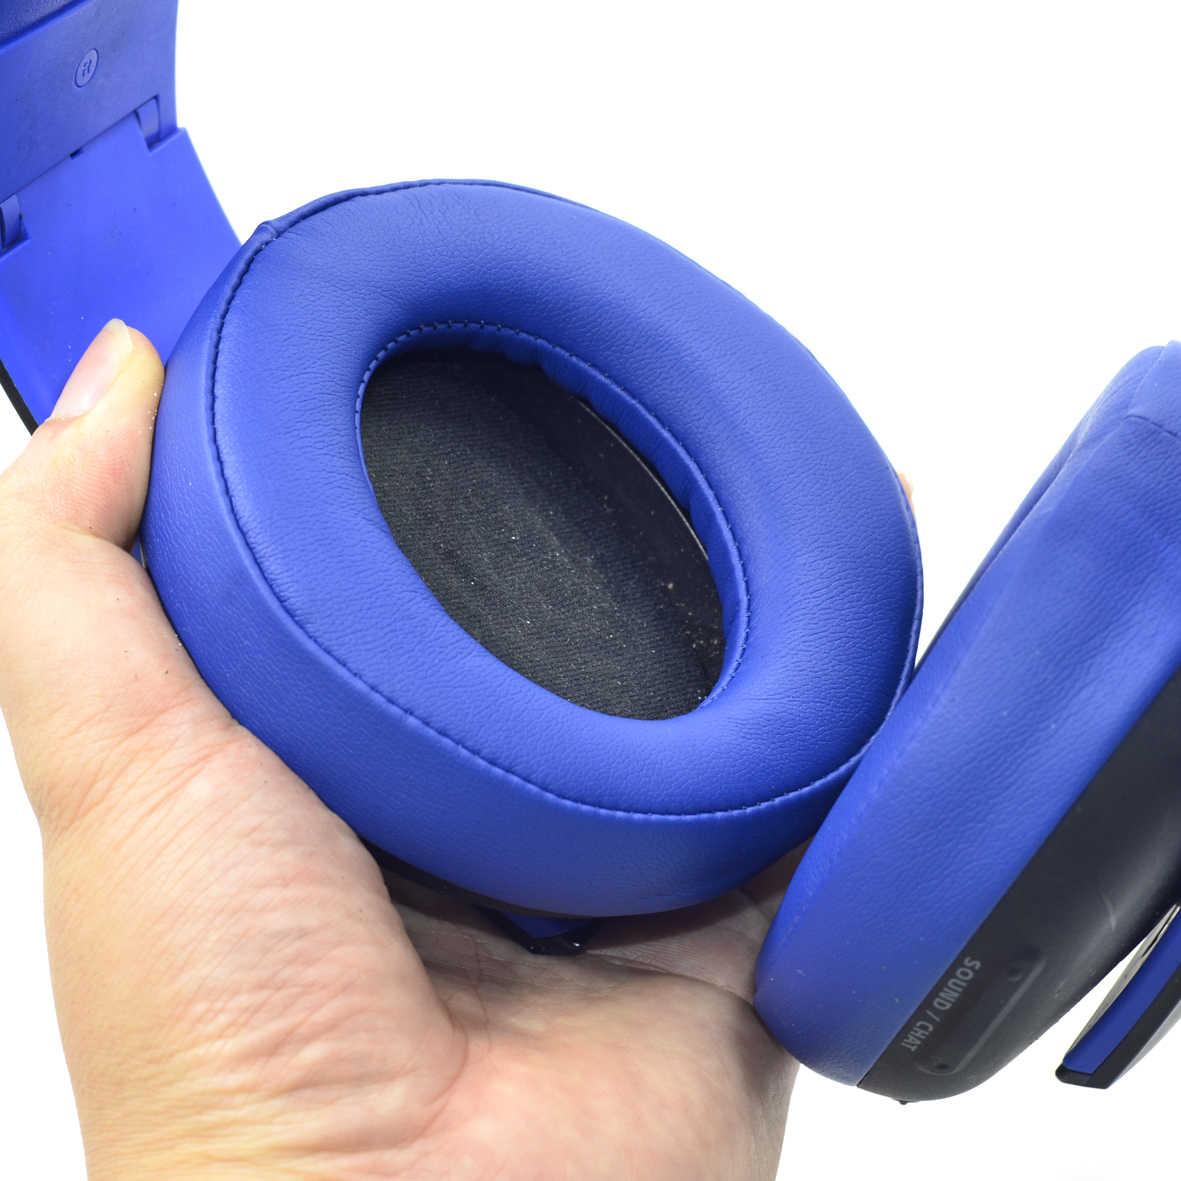 Almohadillas para el oído, diadema de cojín, almohadillas para Sony PlayStation Gold, CECHYA-0083 inalámbrico, estéreo, 7,1, auriculares envolvente Virtual